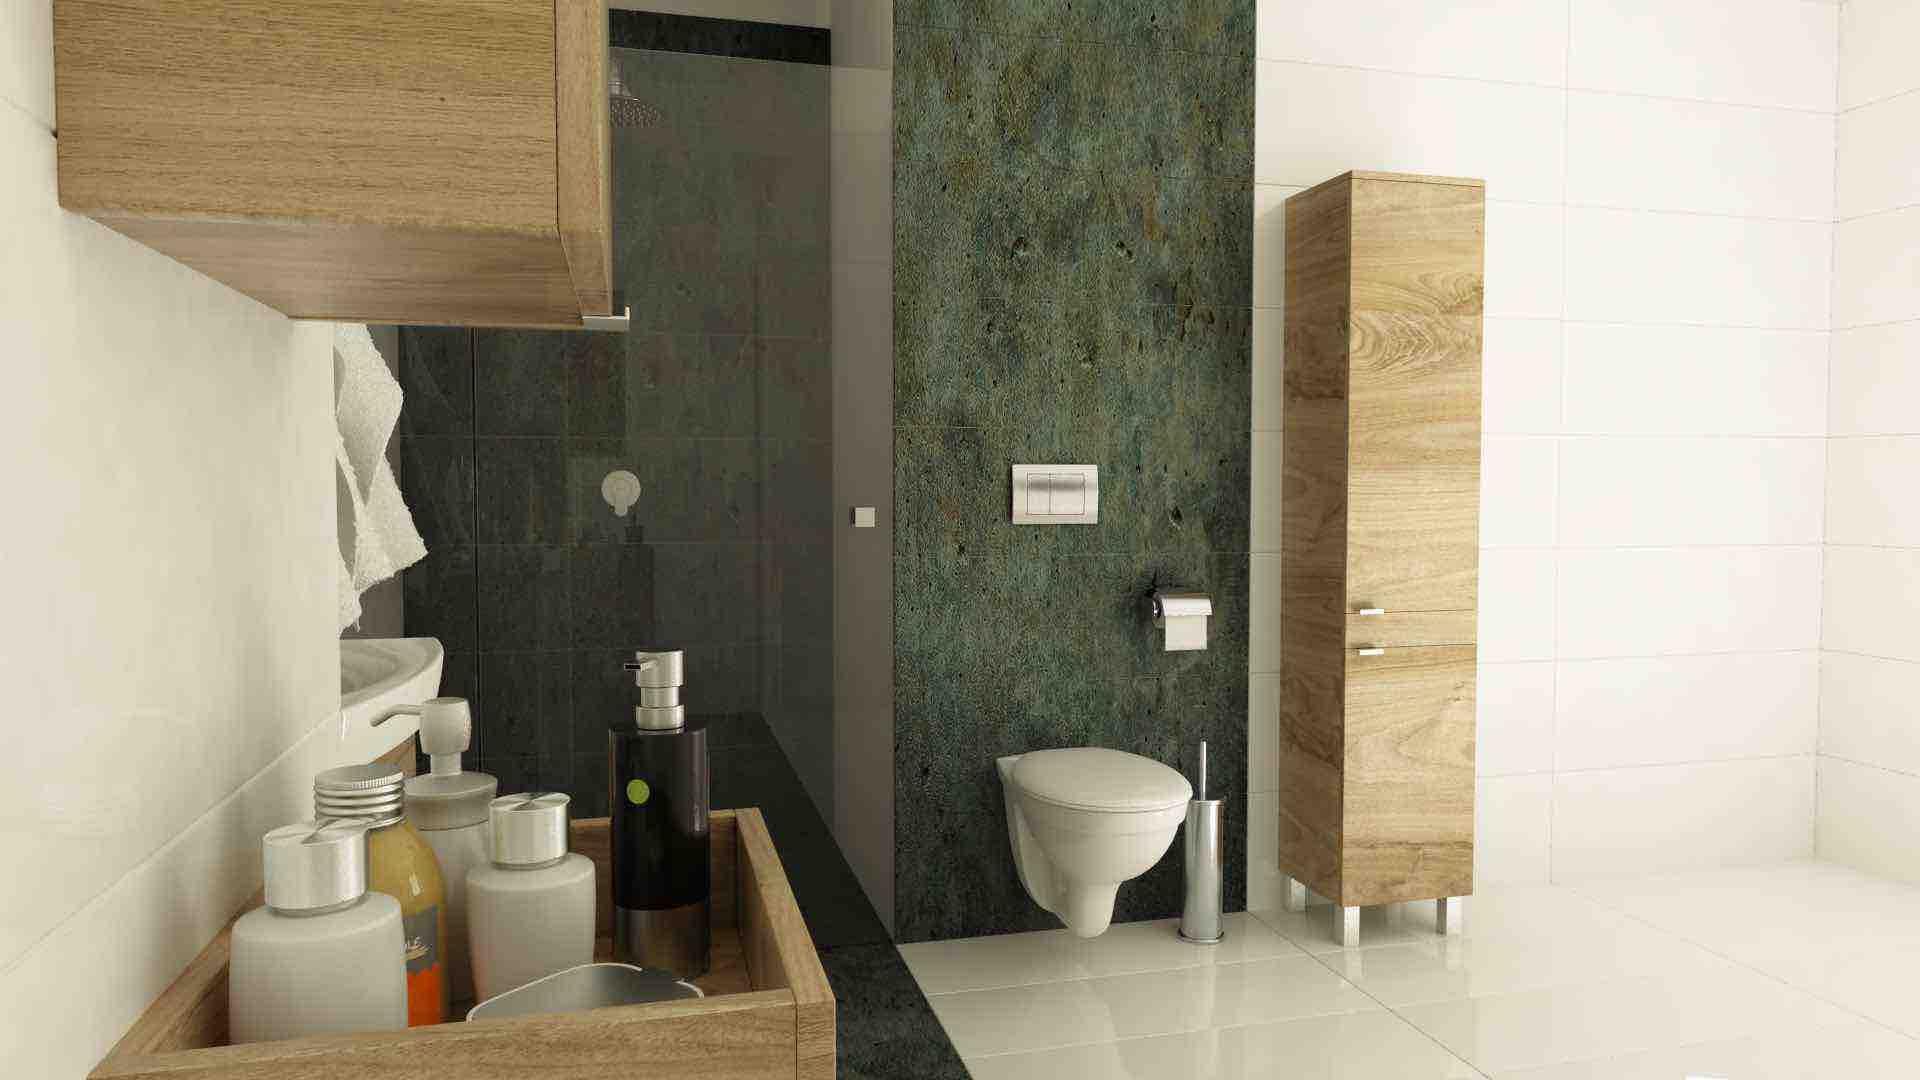 Najprostszą metodą instalacji podwieszanej ceramiki sanitarnej jest zabudowa sucha. Sposób ten nie wymaga murowania ściany, w której będzie osadzony stelaż z przymocowaną miską i spłuczką lub bidetem. Fot. Armatura Kraków